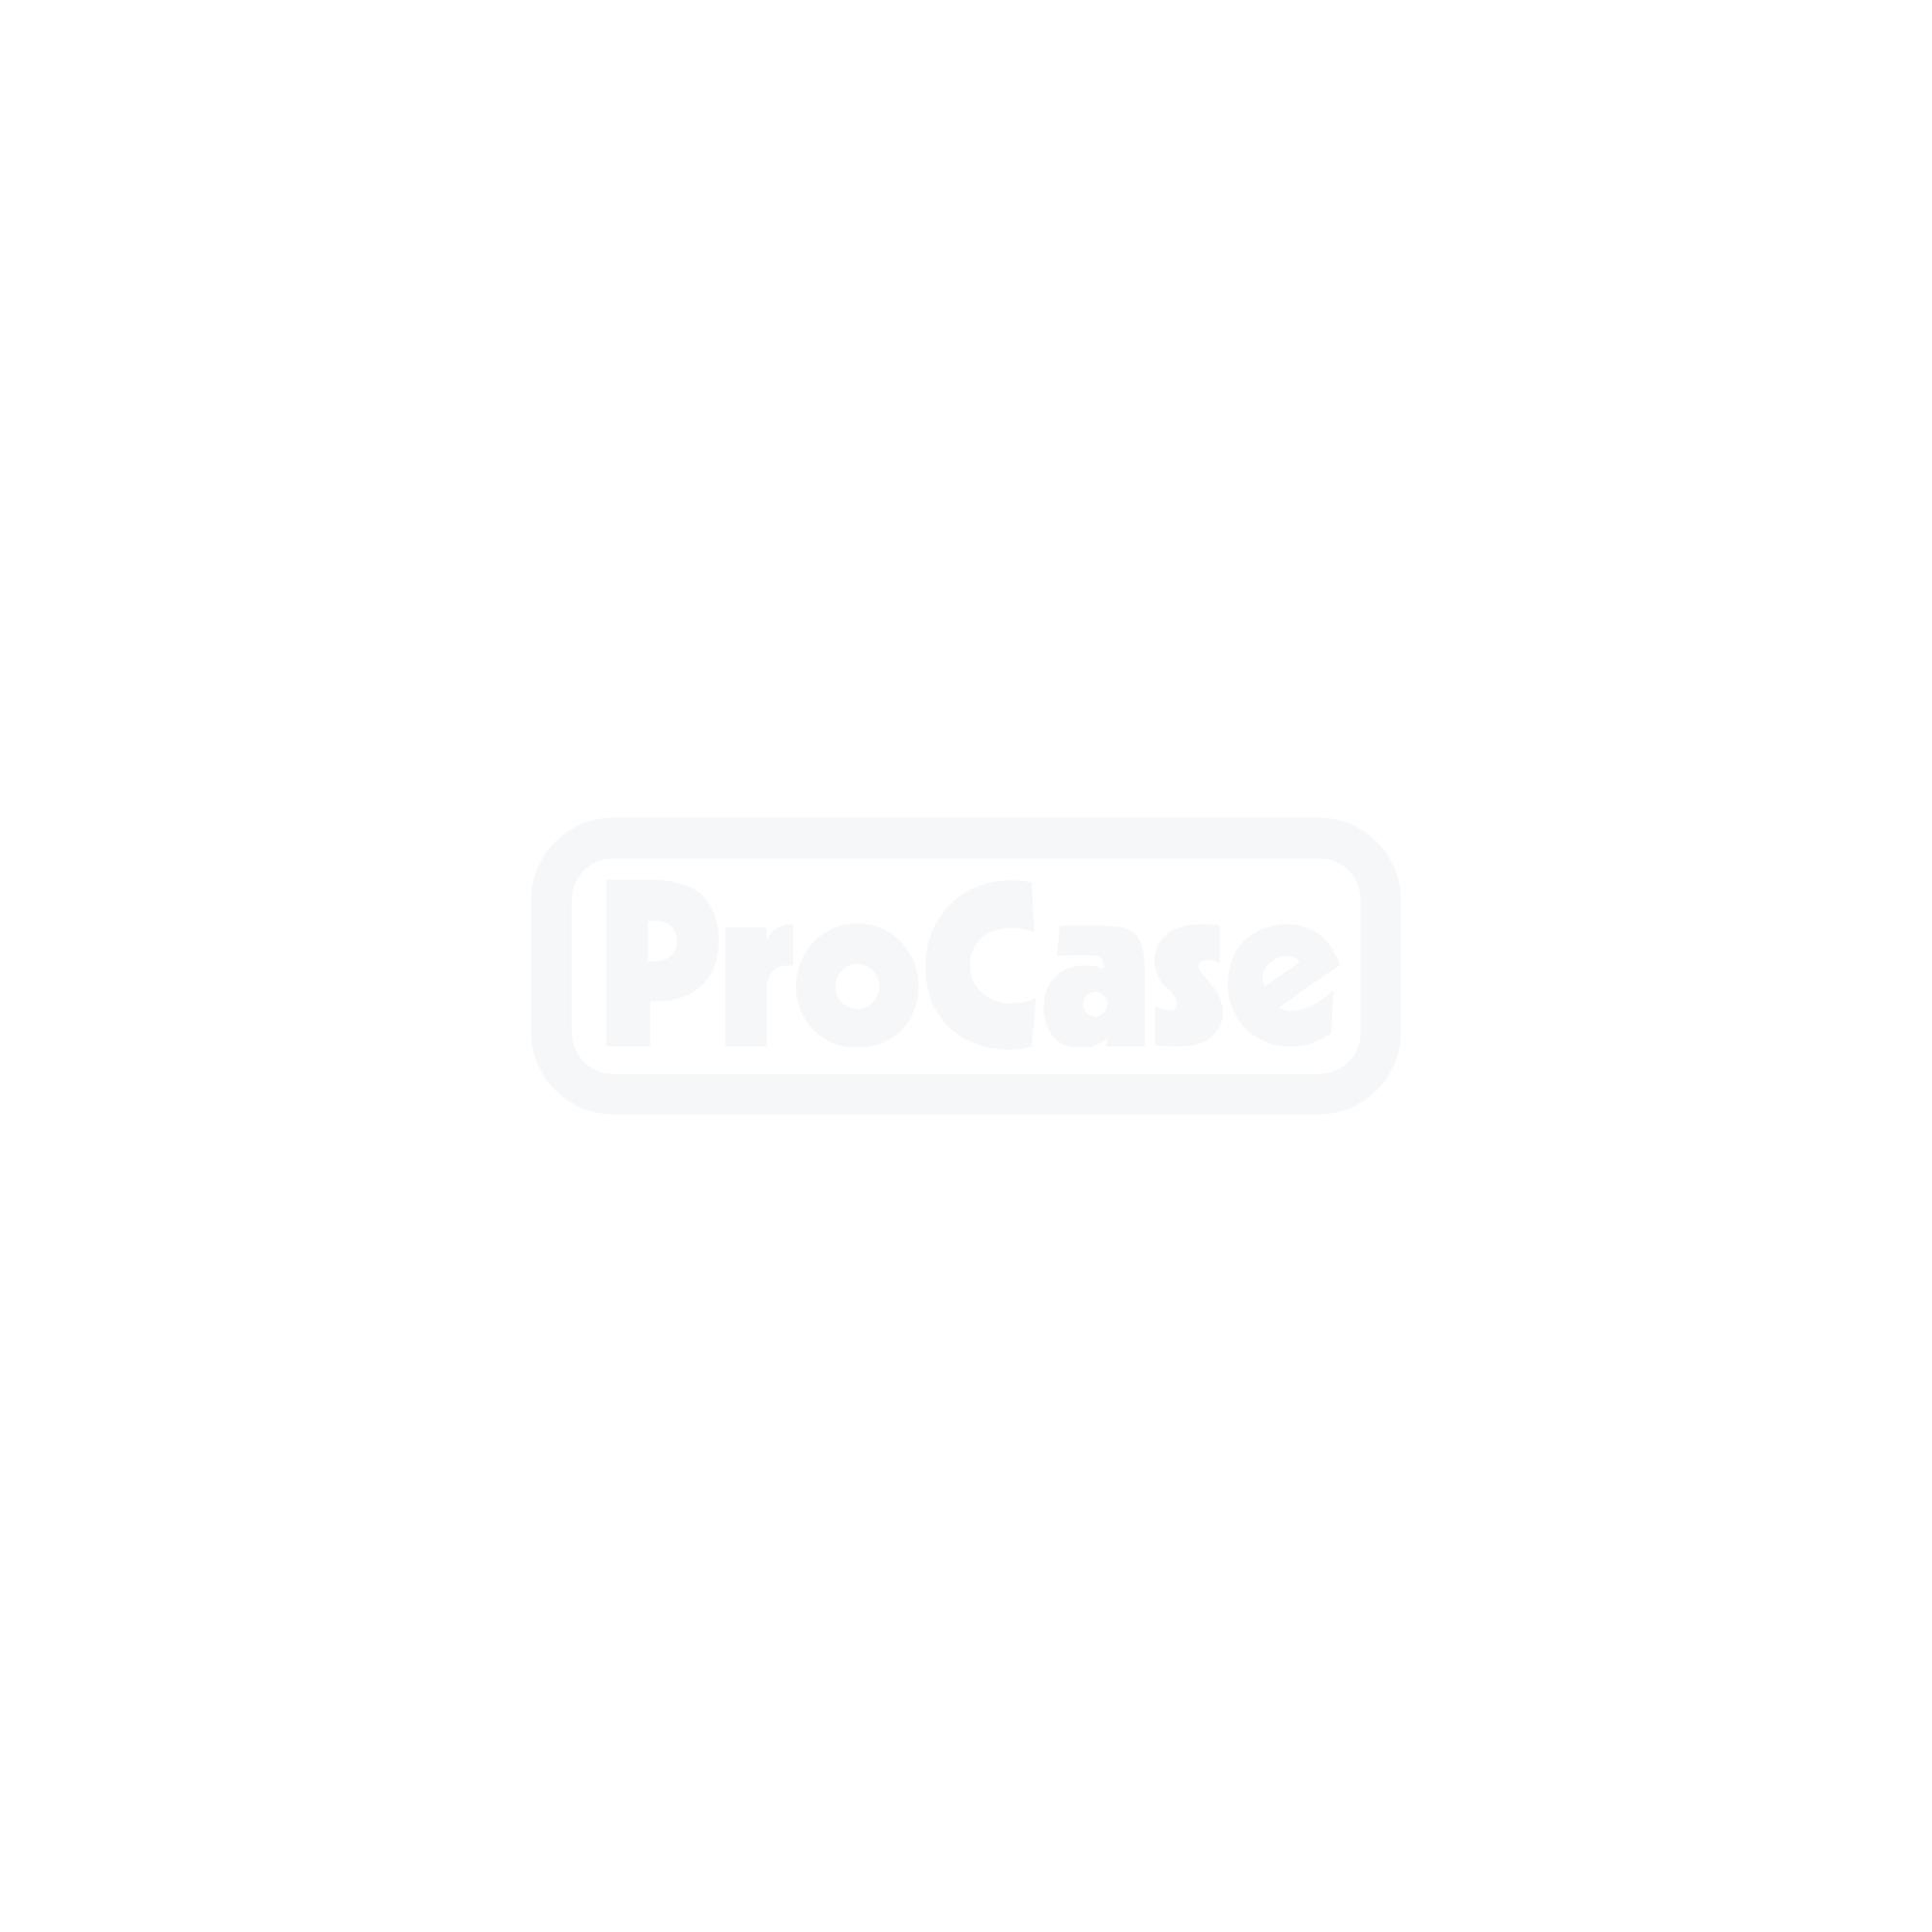 QSD-Rack 14HE 600 mm tief 2